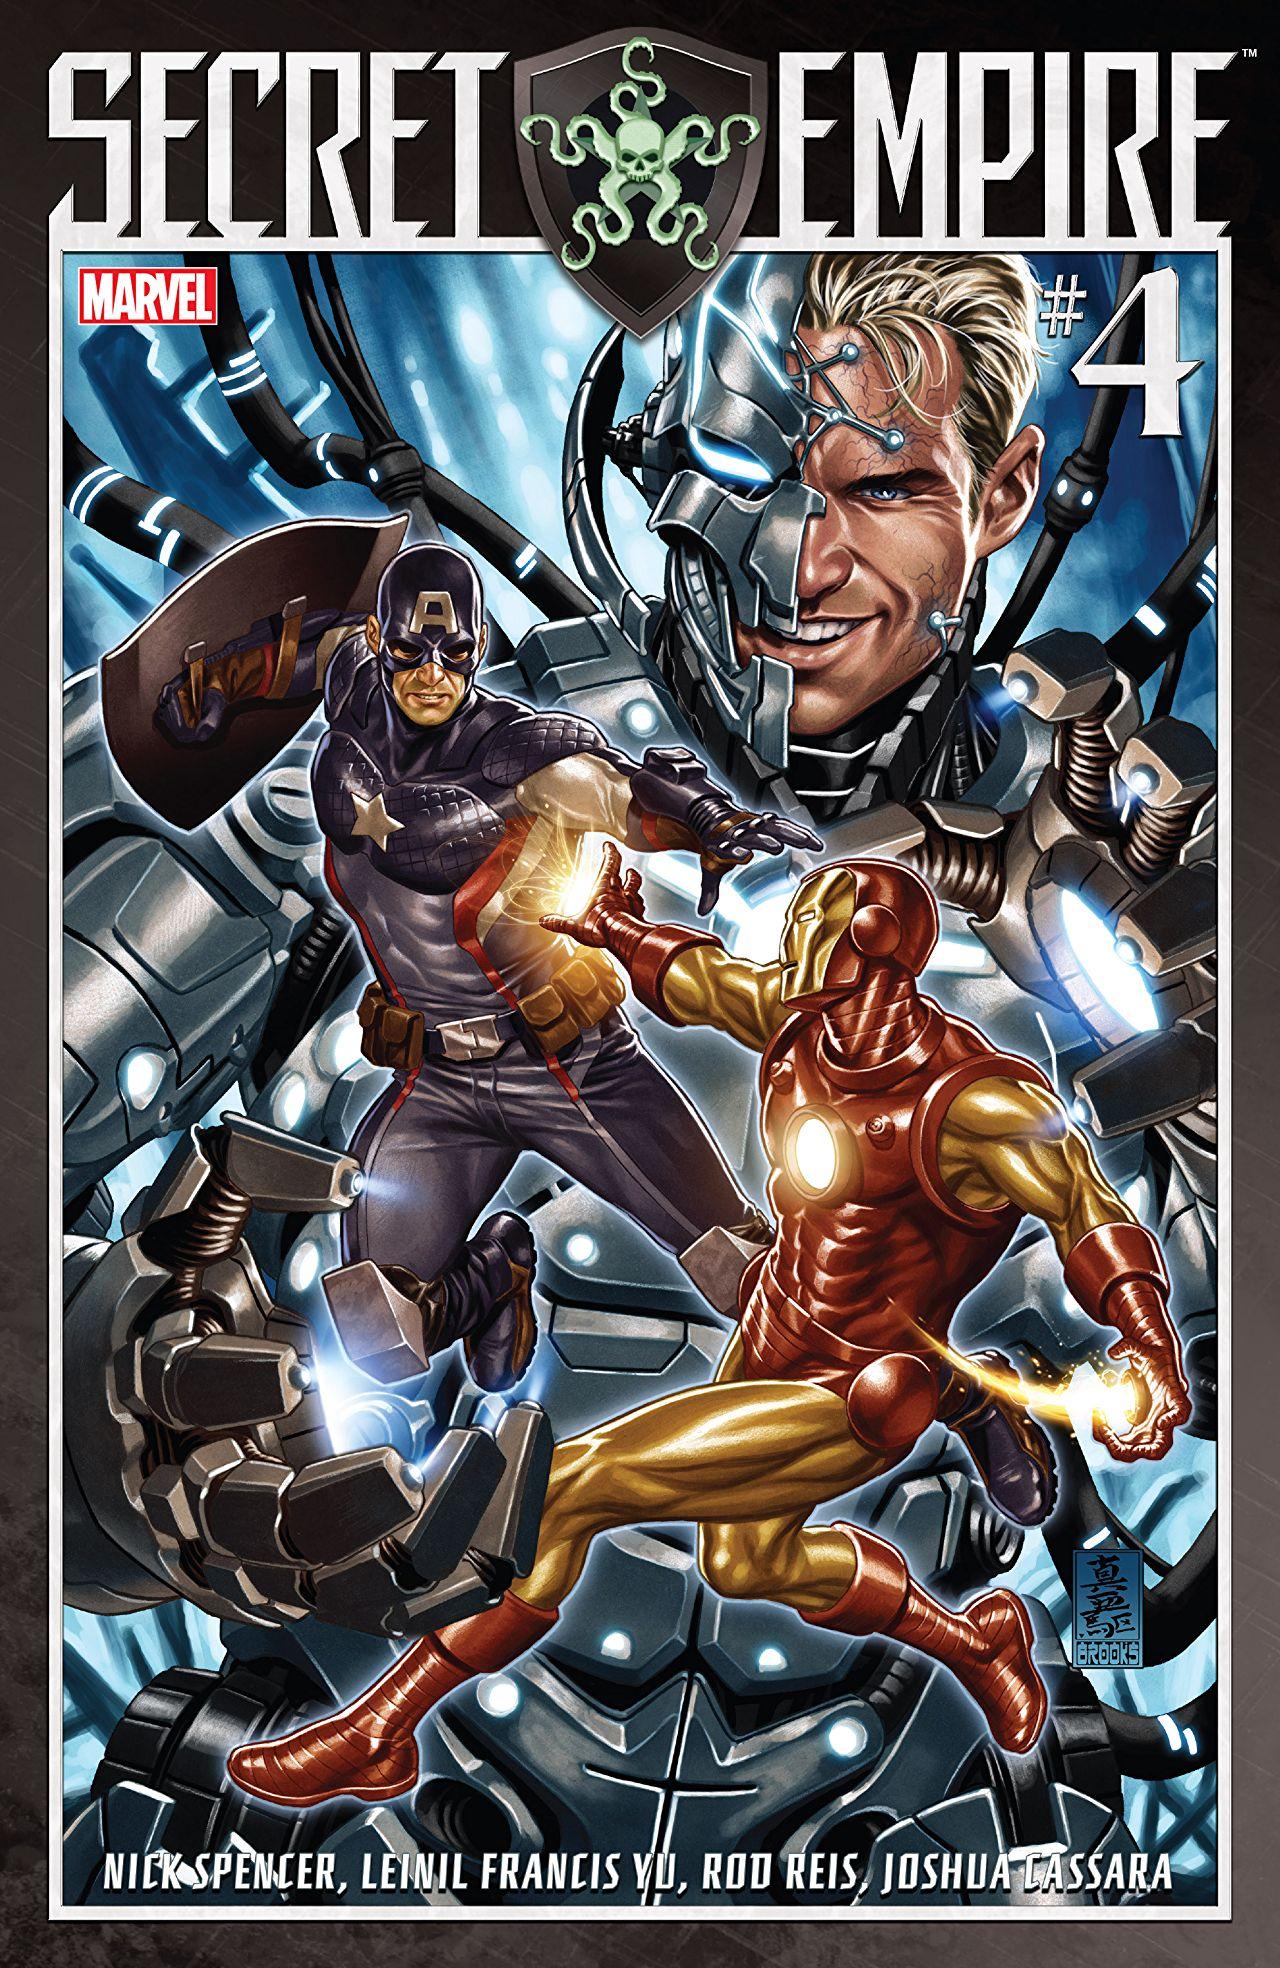 Secret Empire #4 Cover